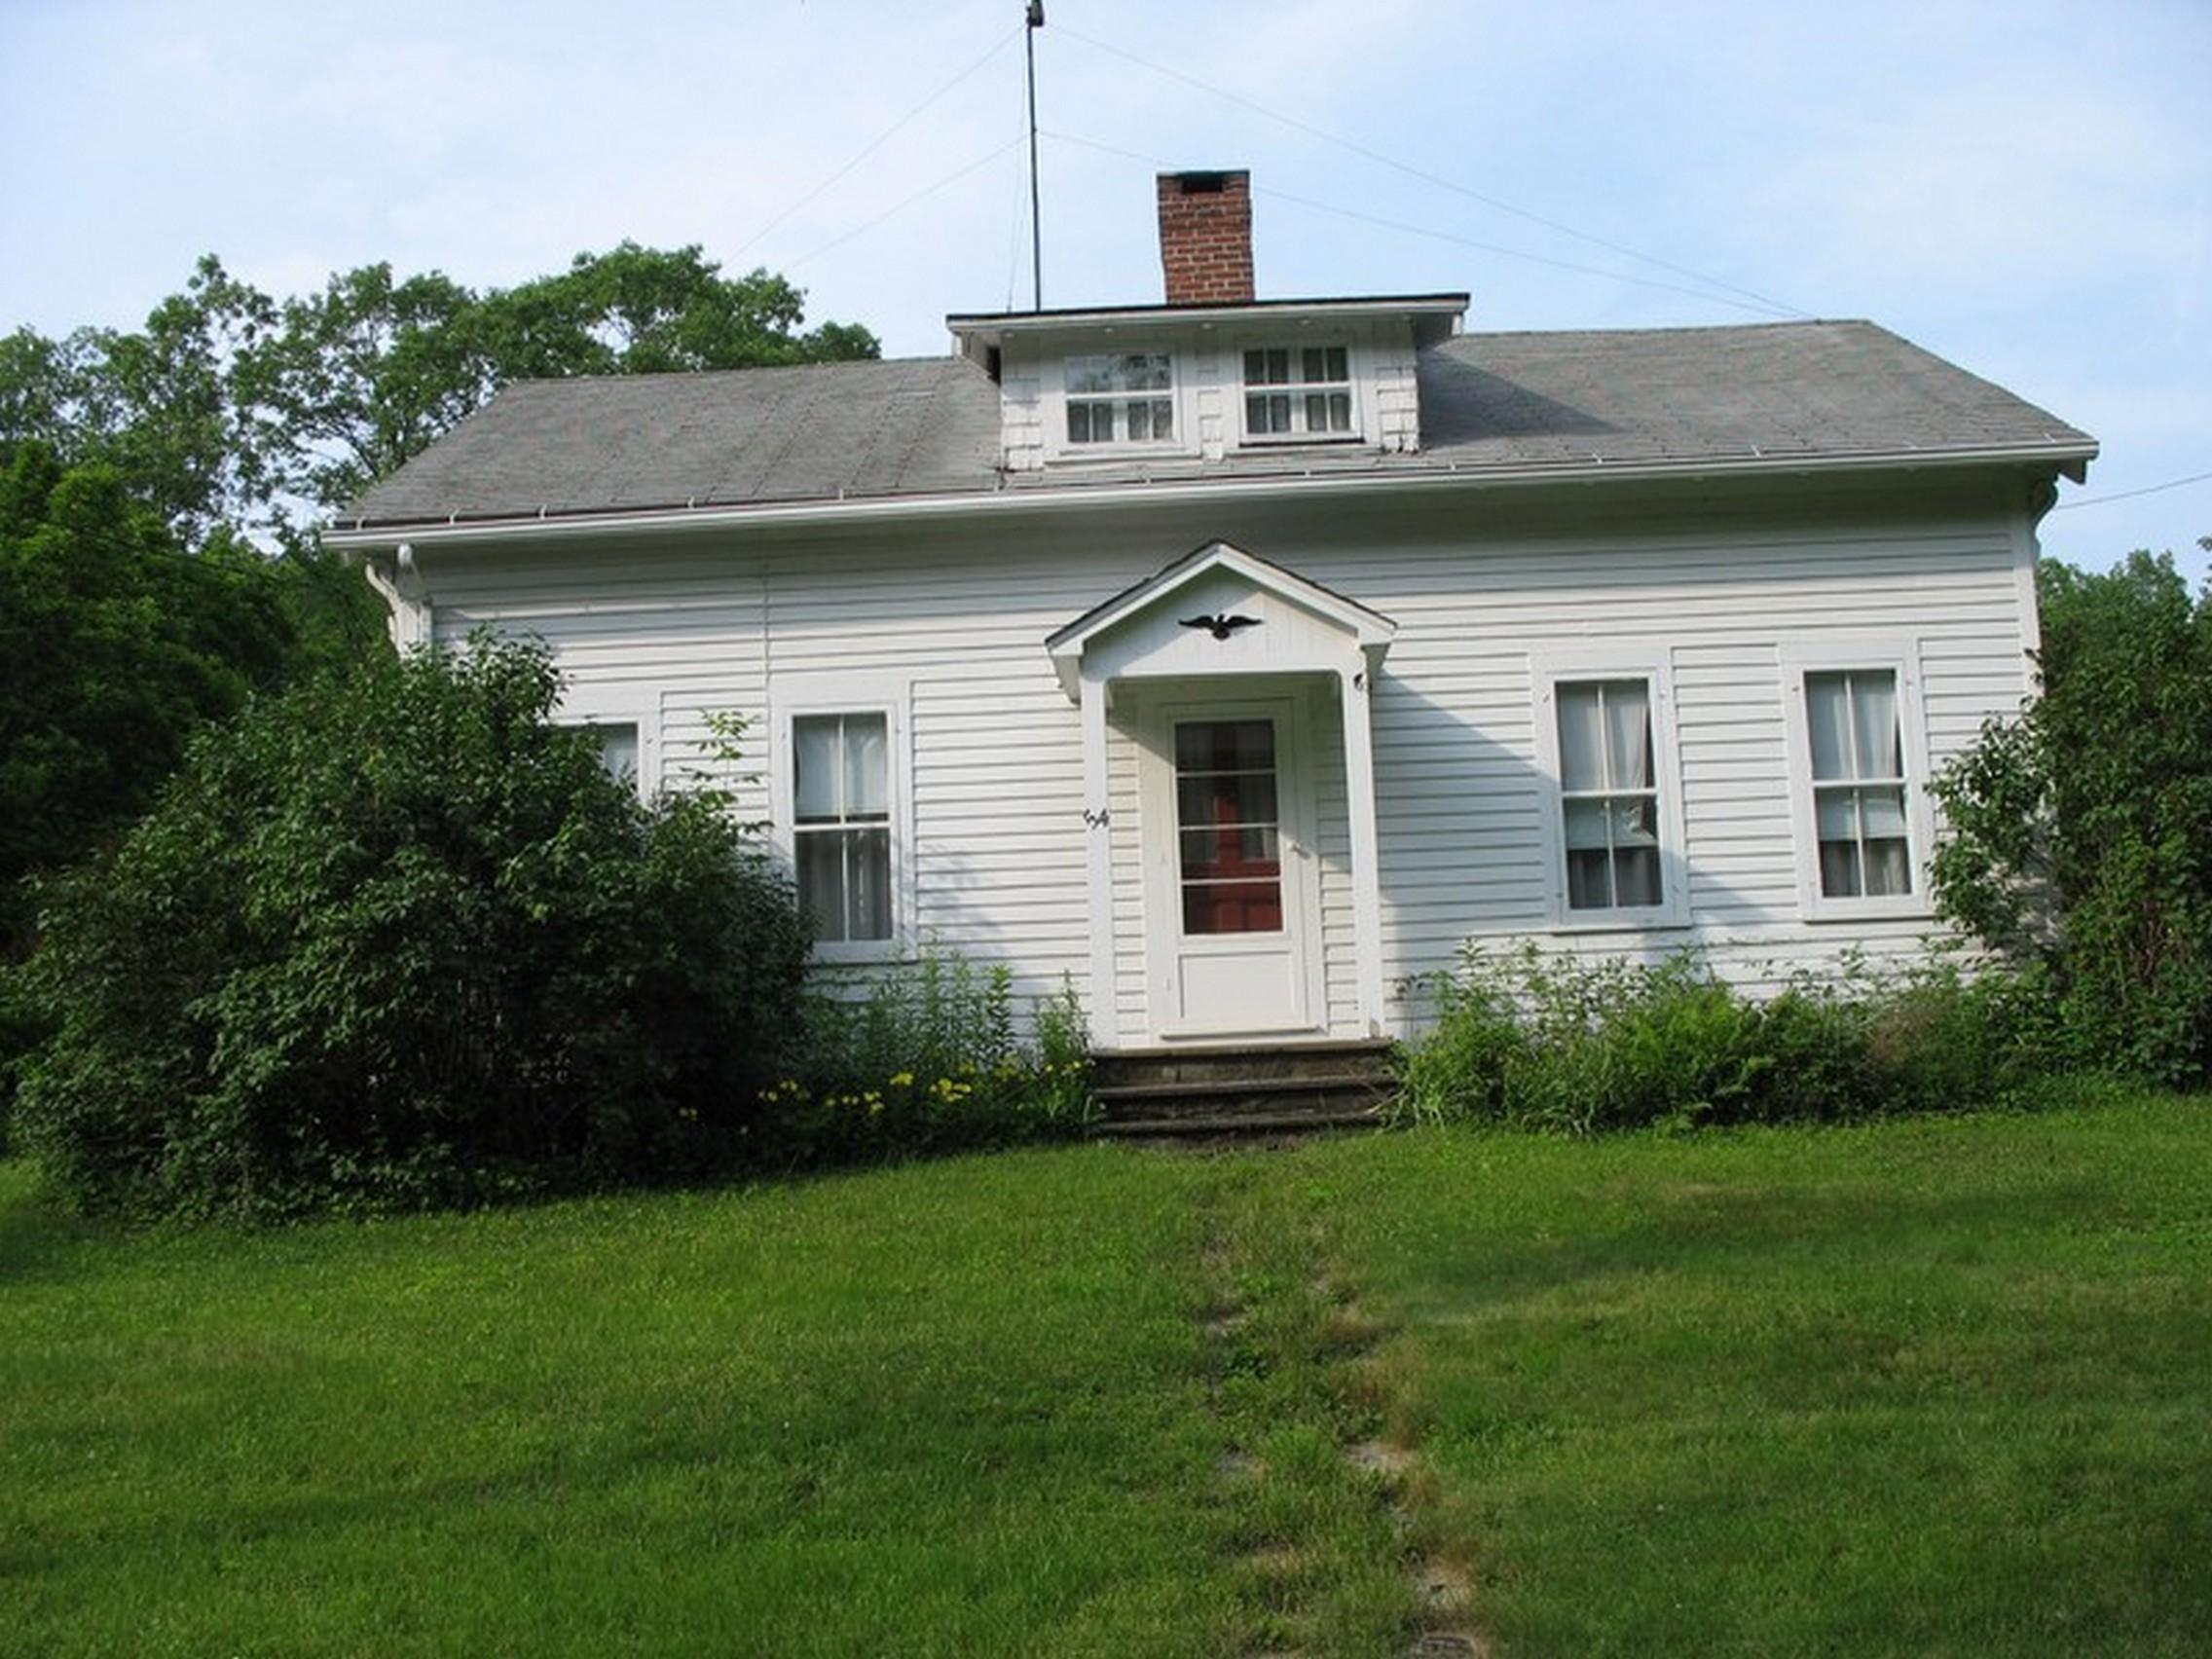 Casa Unifamiliar por un Venta en Vintage Colonial 54 Sharon Goshen Turnpike Cornwall, Connecticut, 06796 Estados Unidos